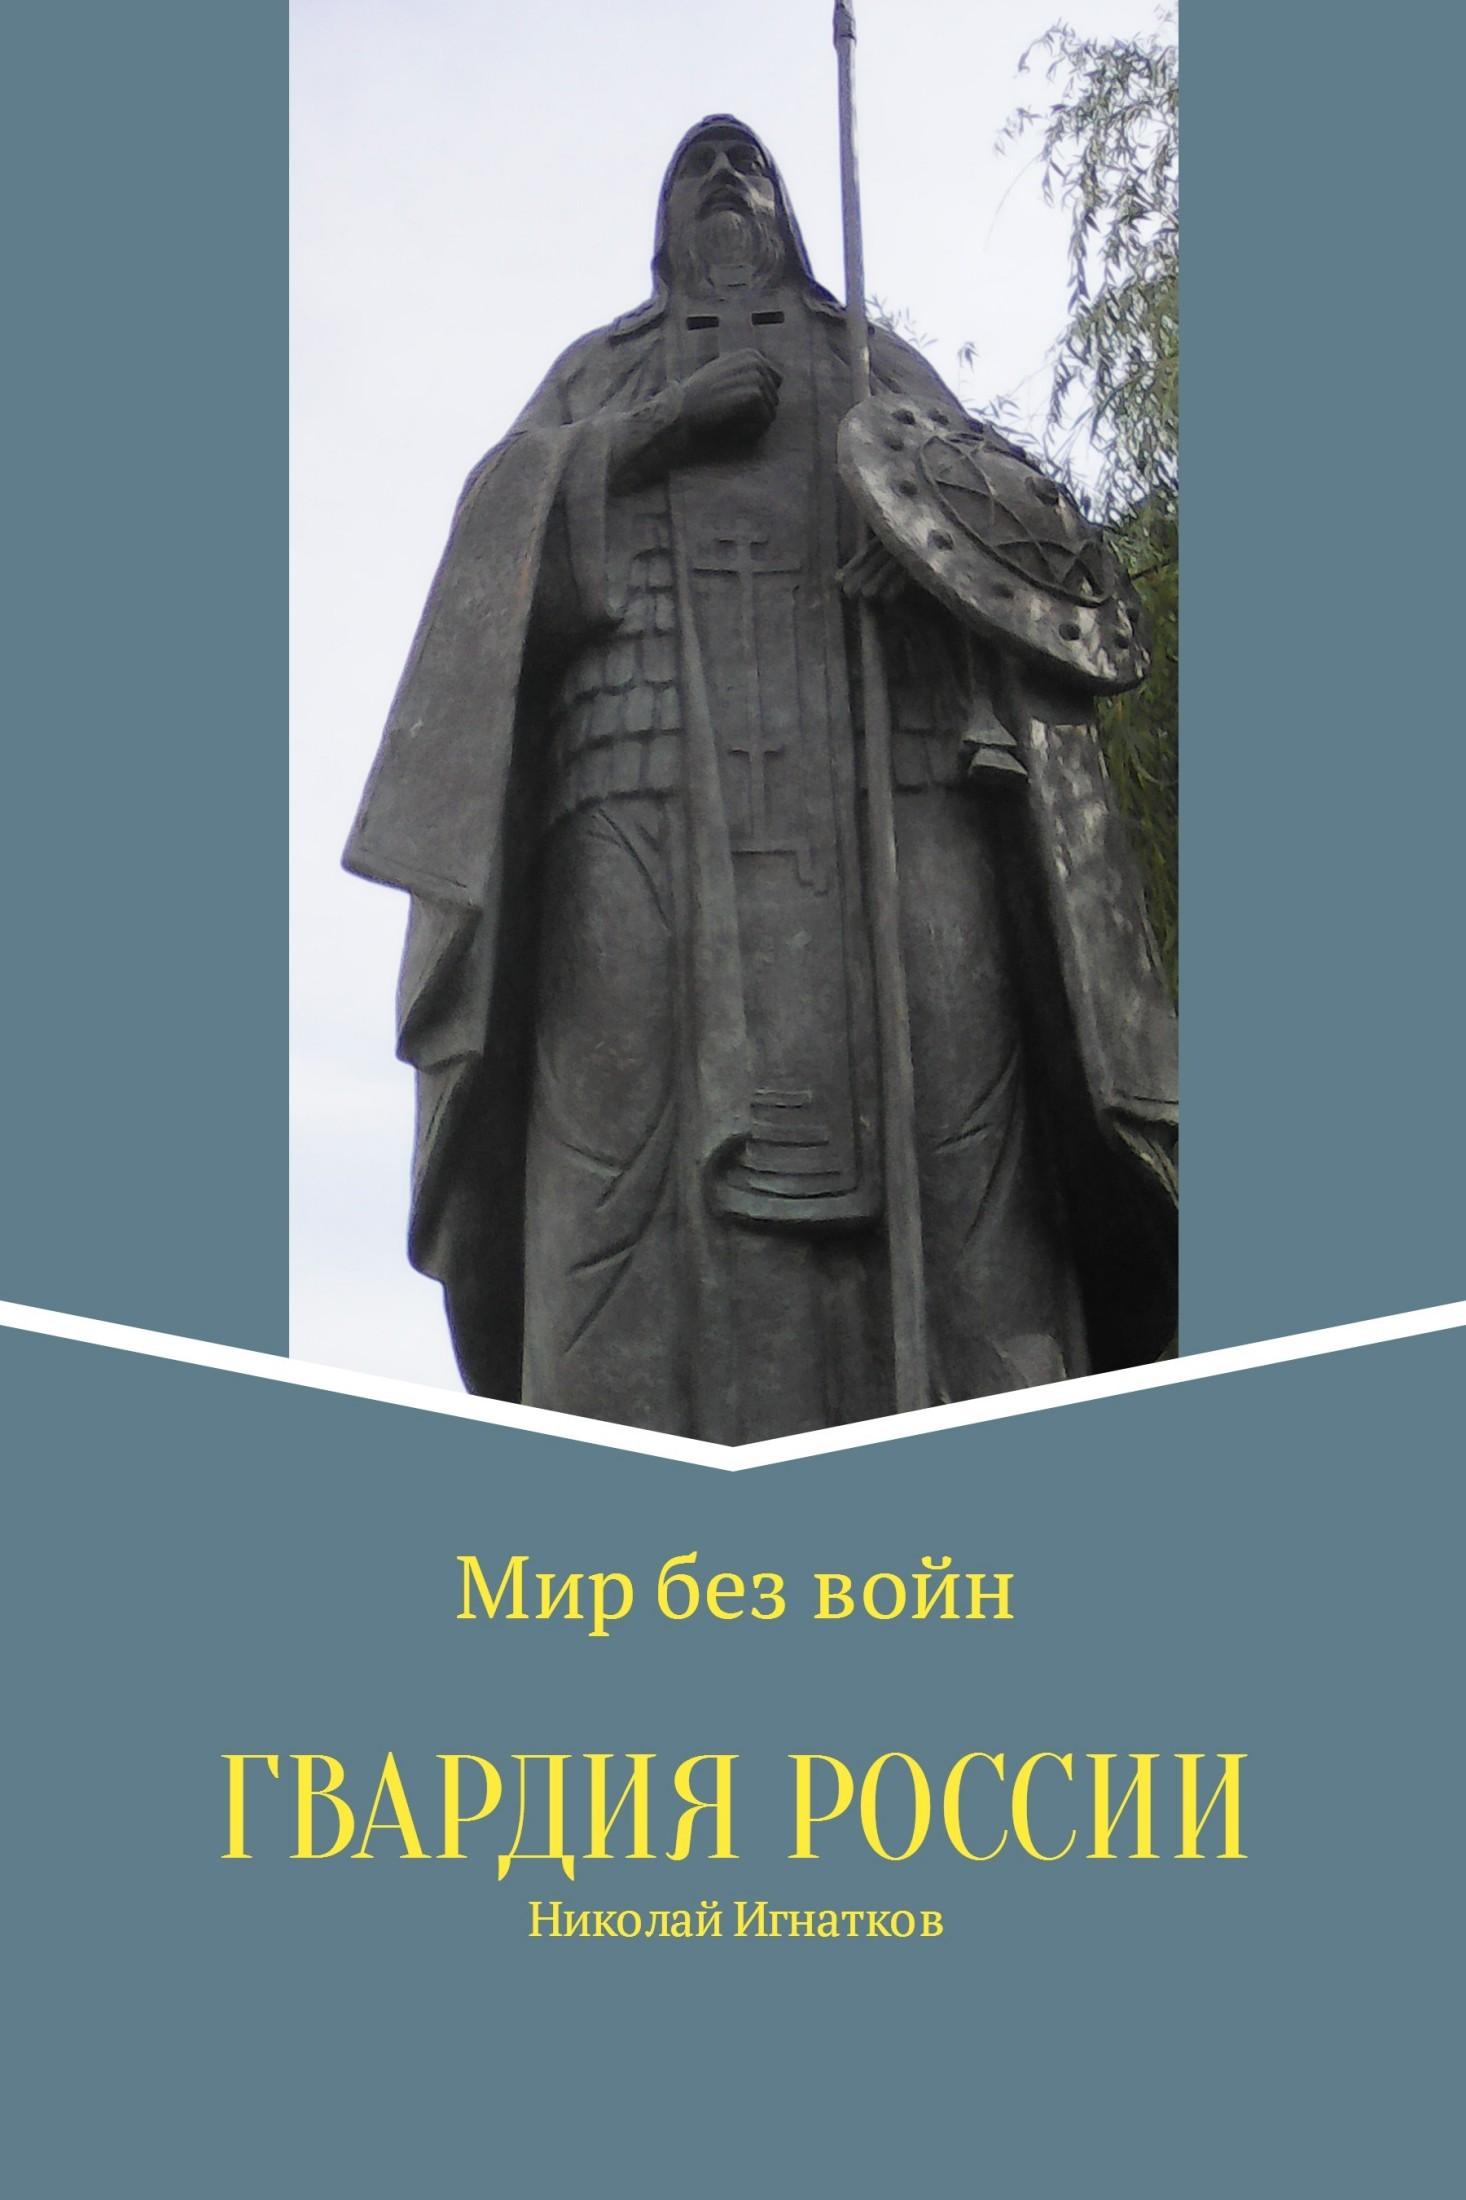 Гвардия России. Сборник стихотворений